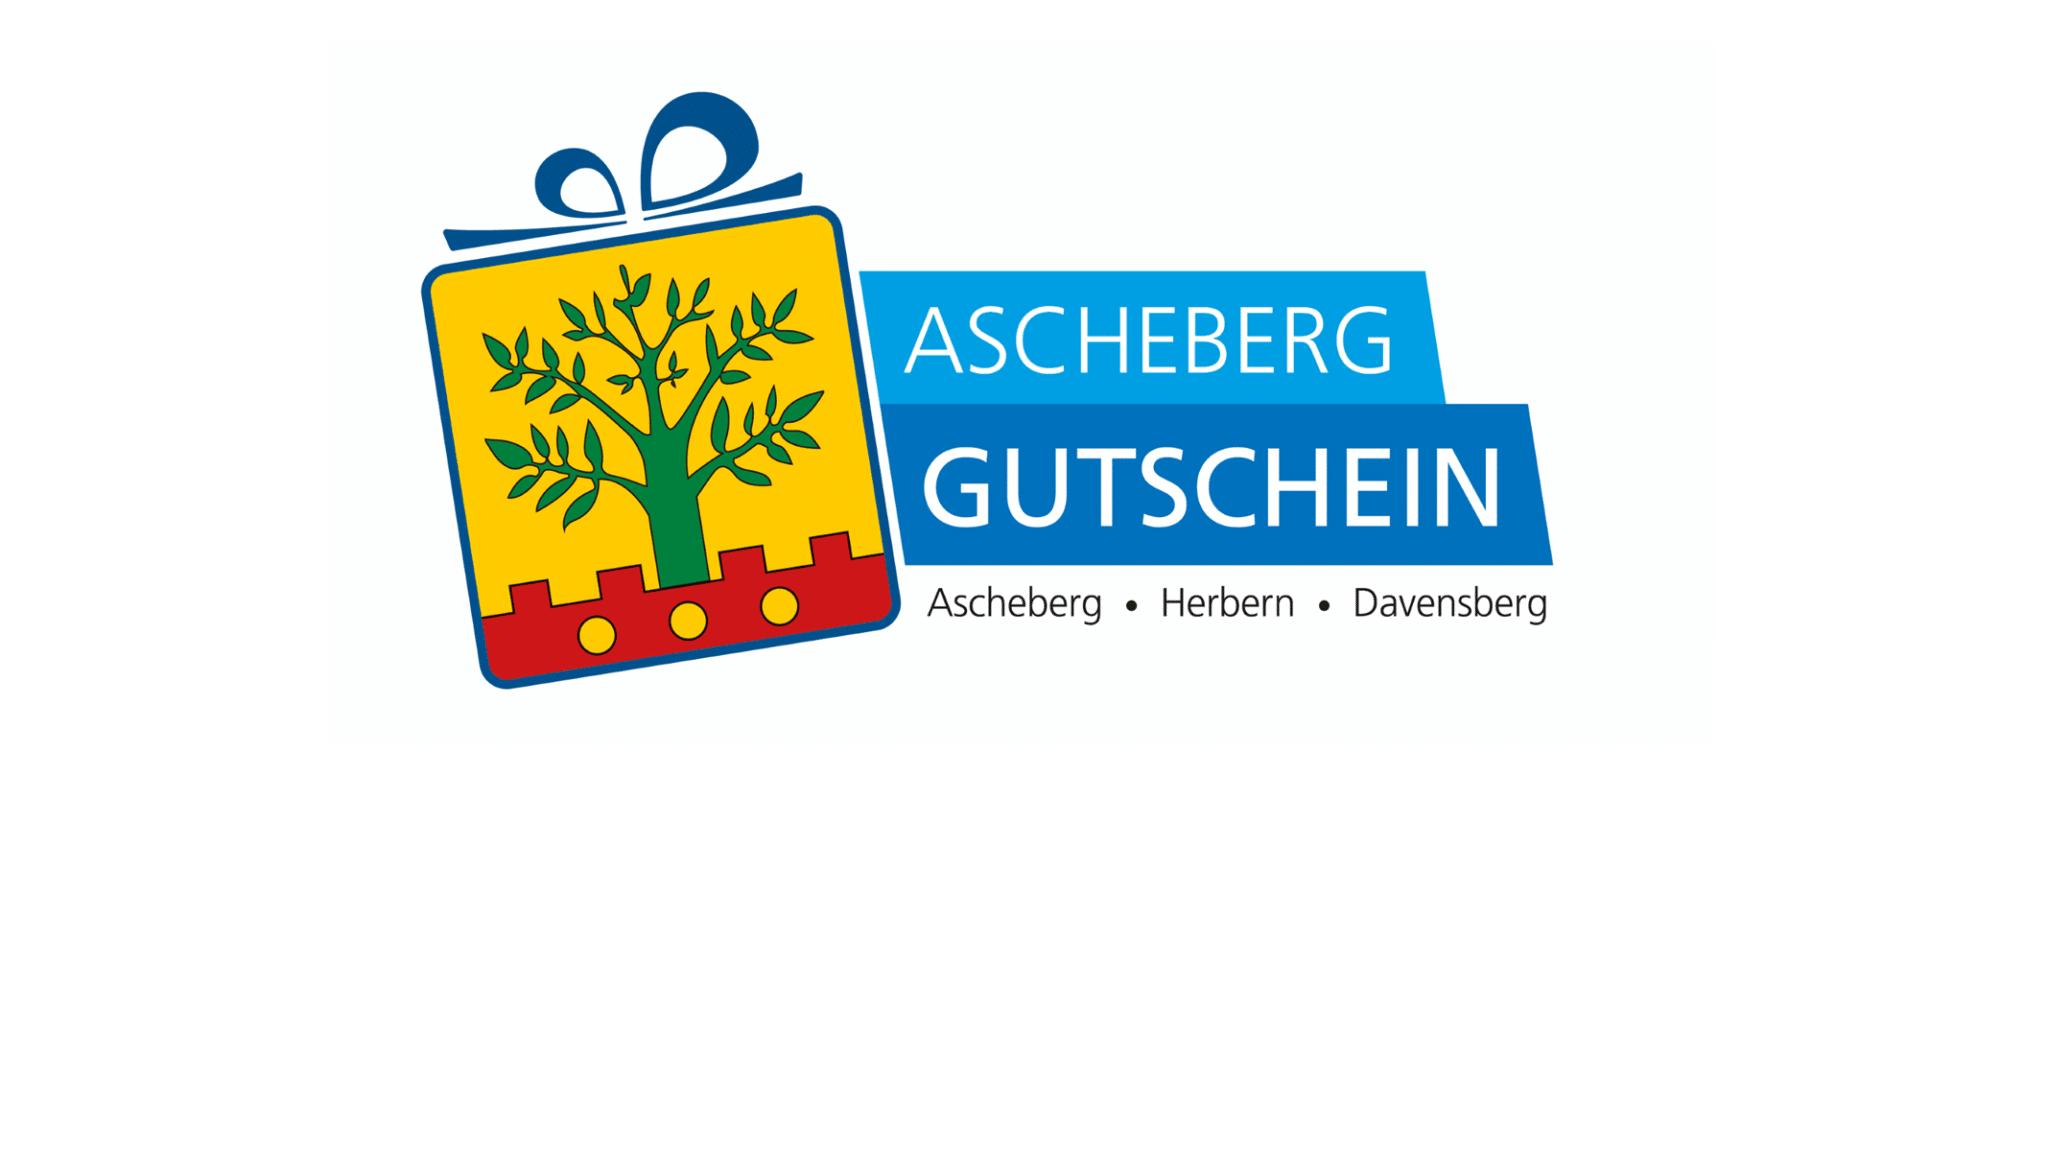 Logo Ascheberg-Gutschein